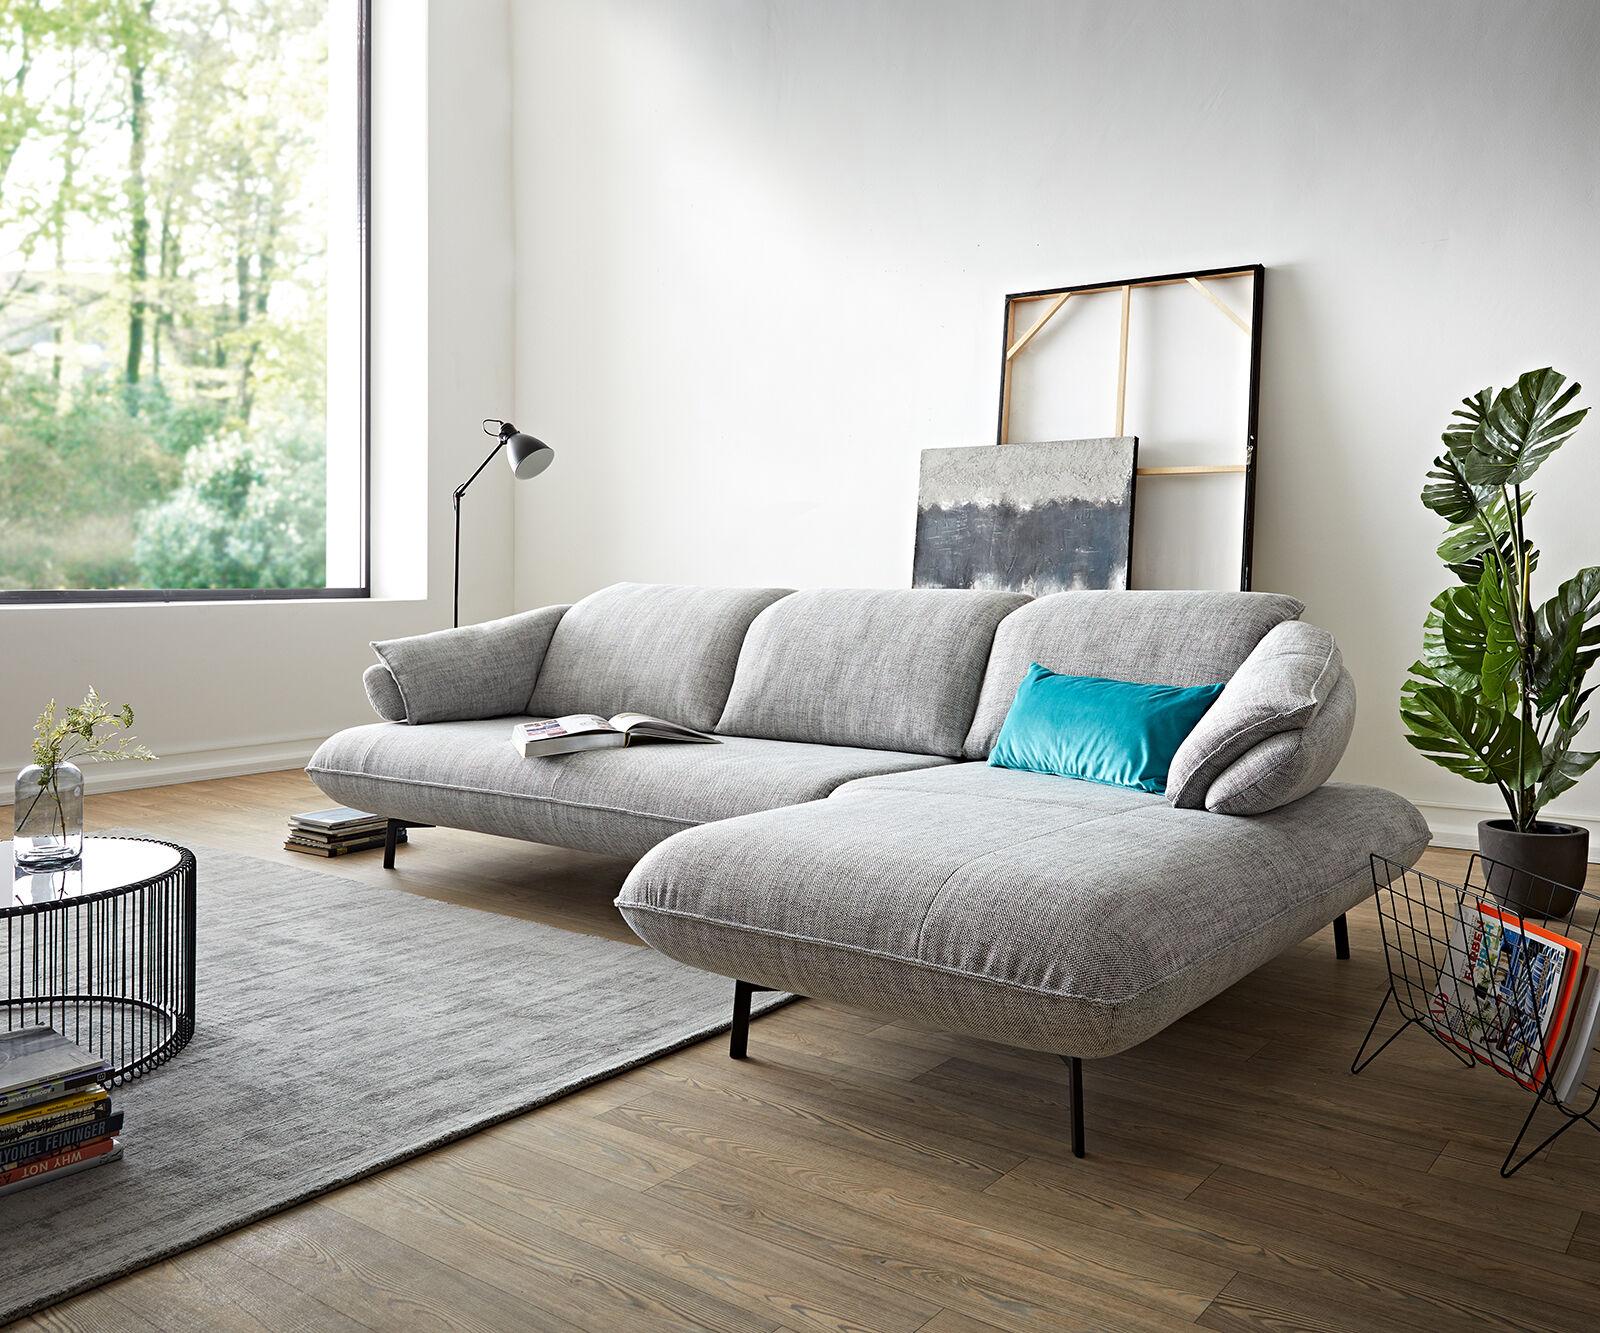 ES brand Canapé-d'angle Bluebell 292x190 gris pierre chaise longue réglage de la...